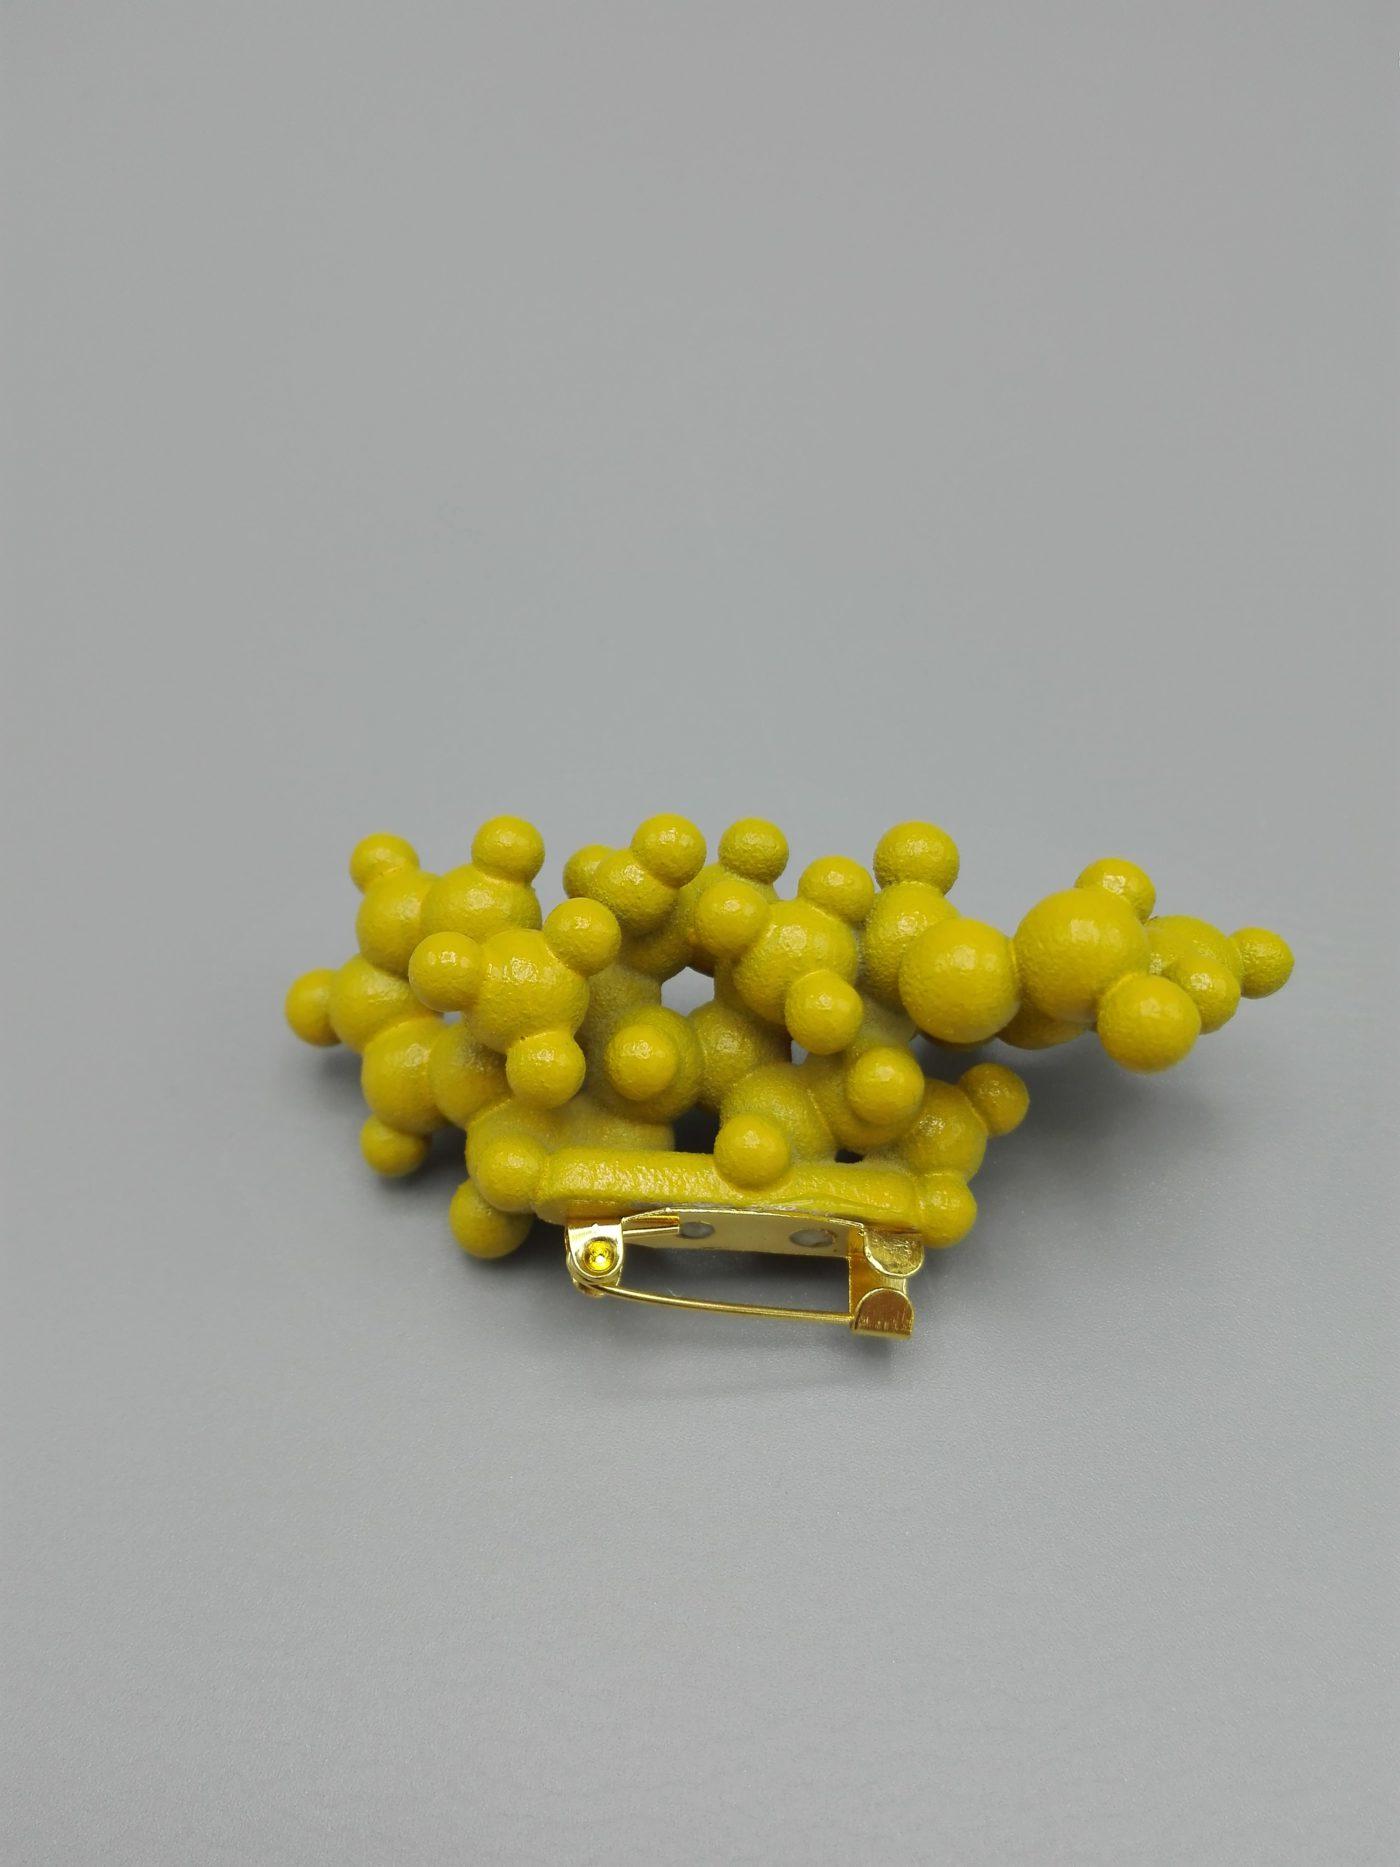 3D geprinte broche van molecule